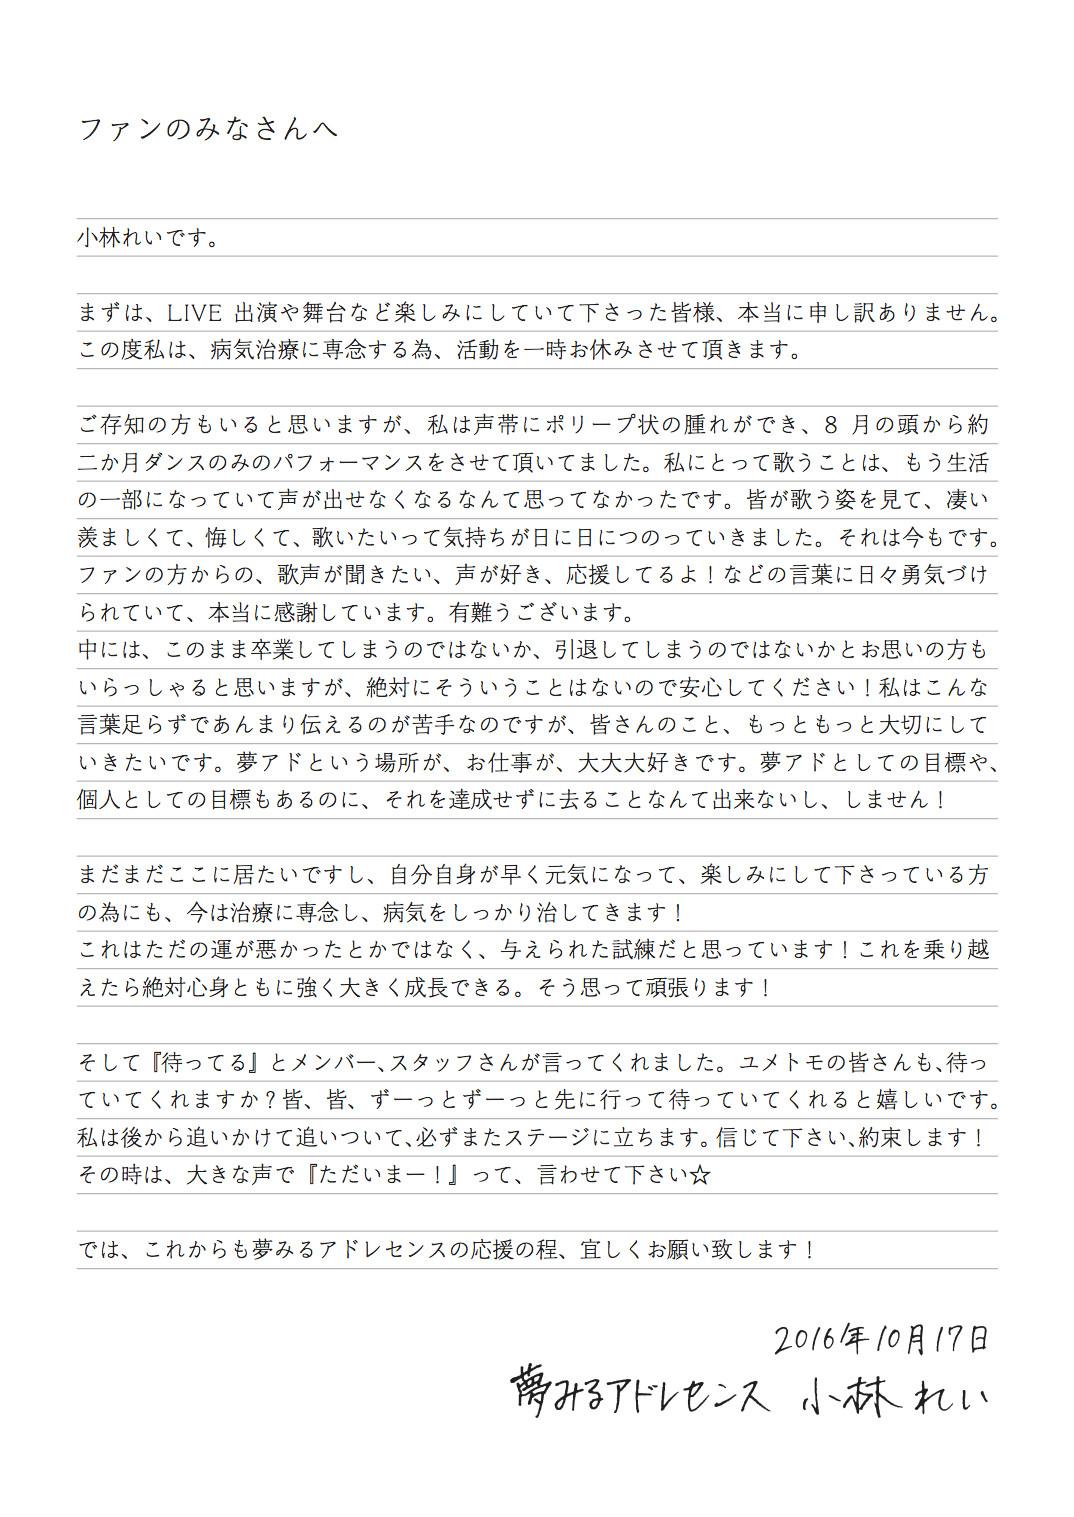 20161018_01.jpg